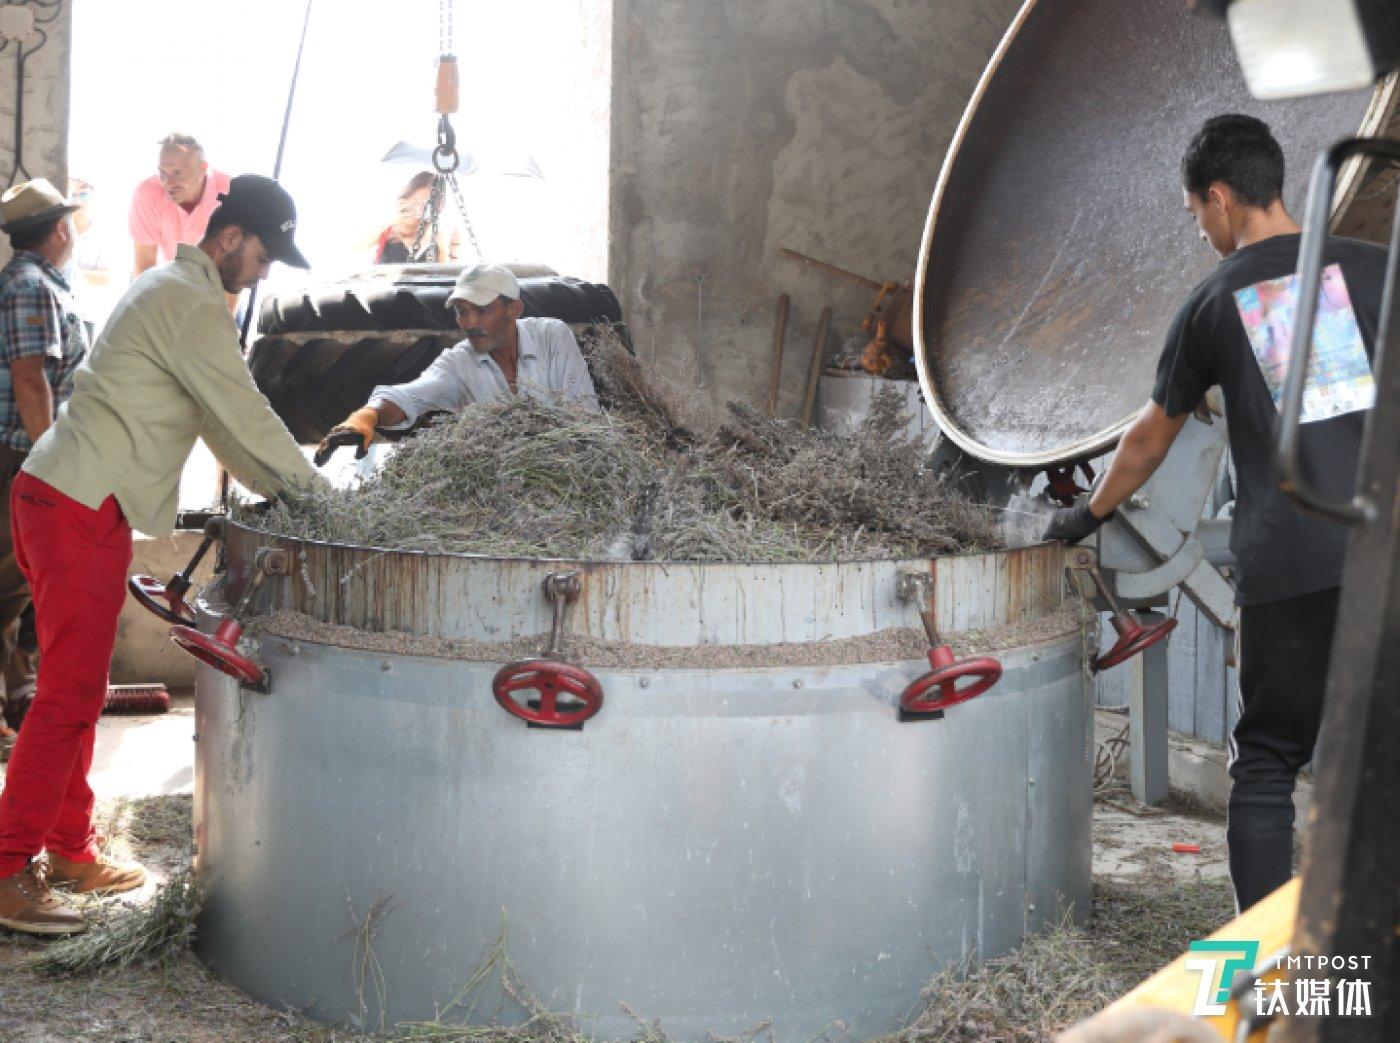 工人将薰衣草填入缸内,准备进行蒸馏萃取